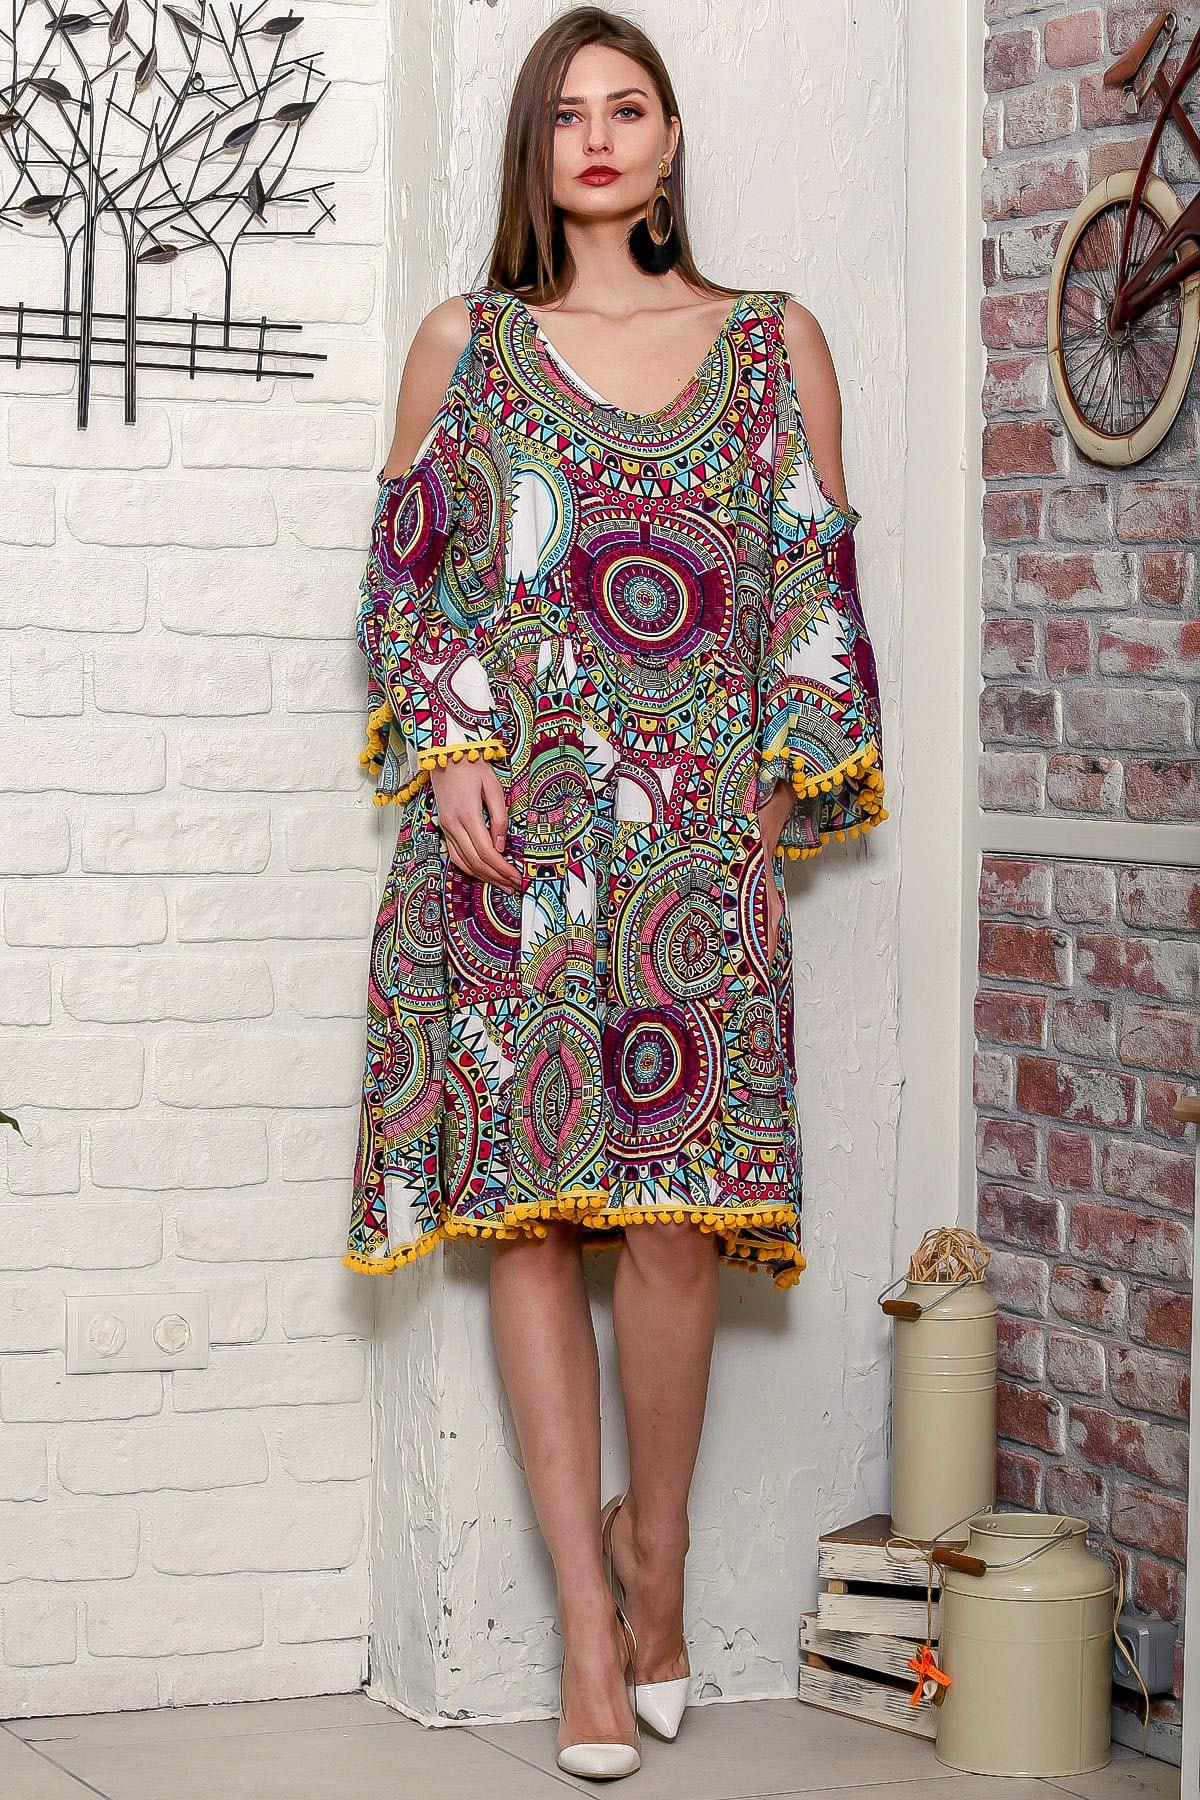 Chiccy Kadın Yeşil Omuzları Pencereli Geometrik Desen Kolları Volanlı Ponponlu Salaş Elbise 3